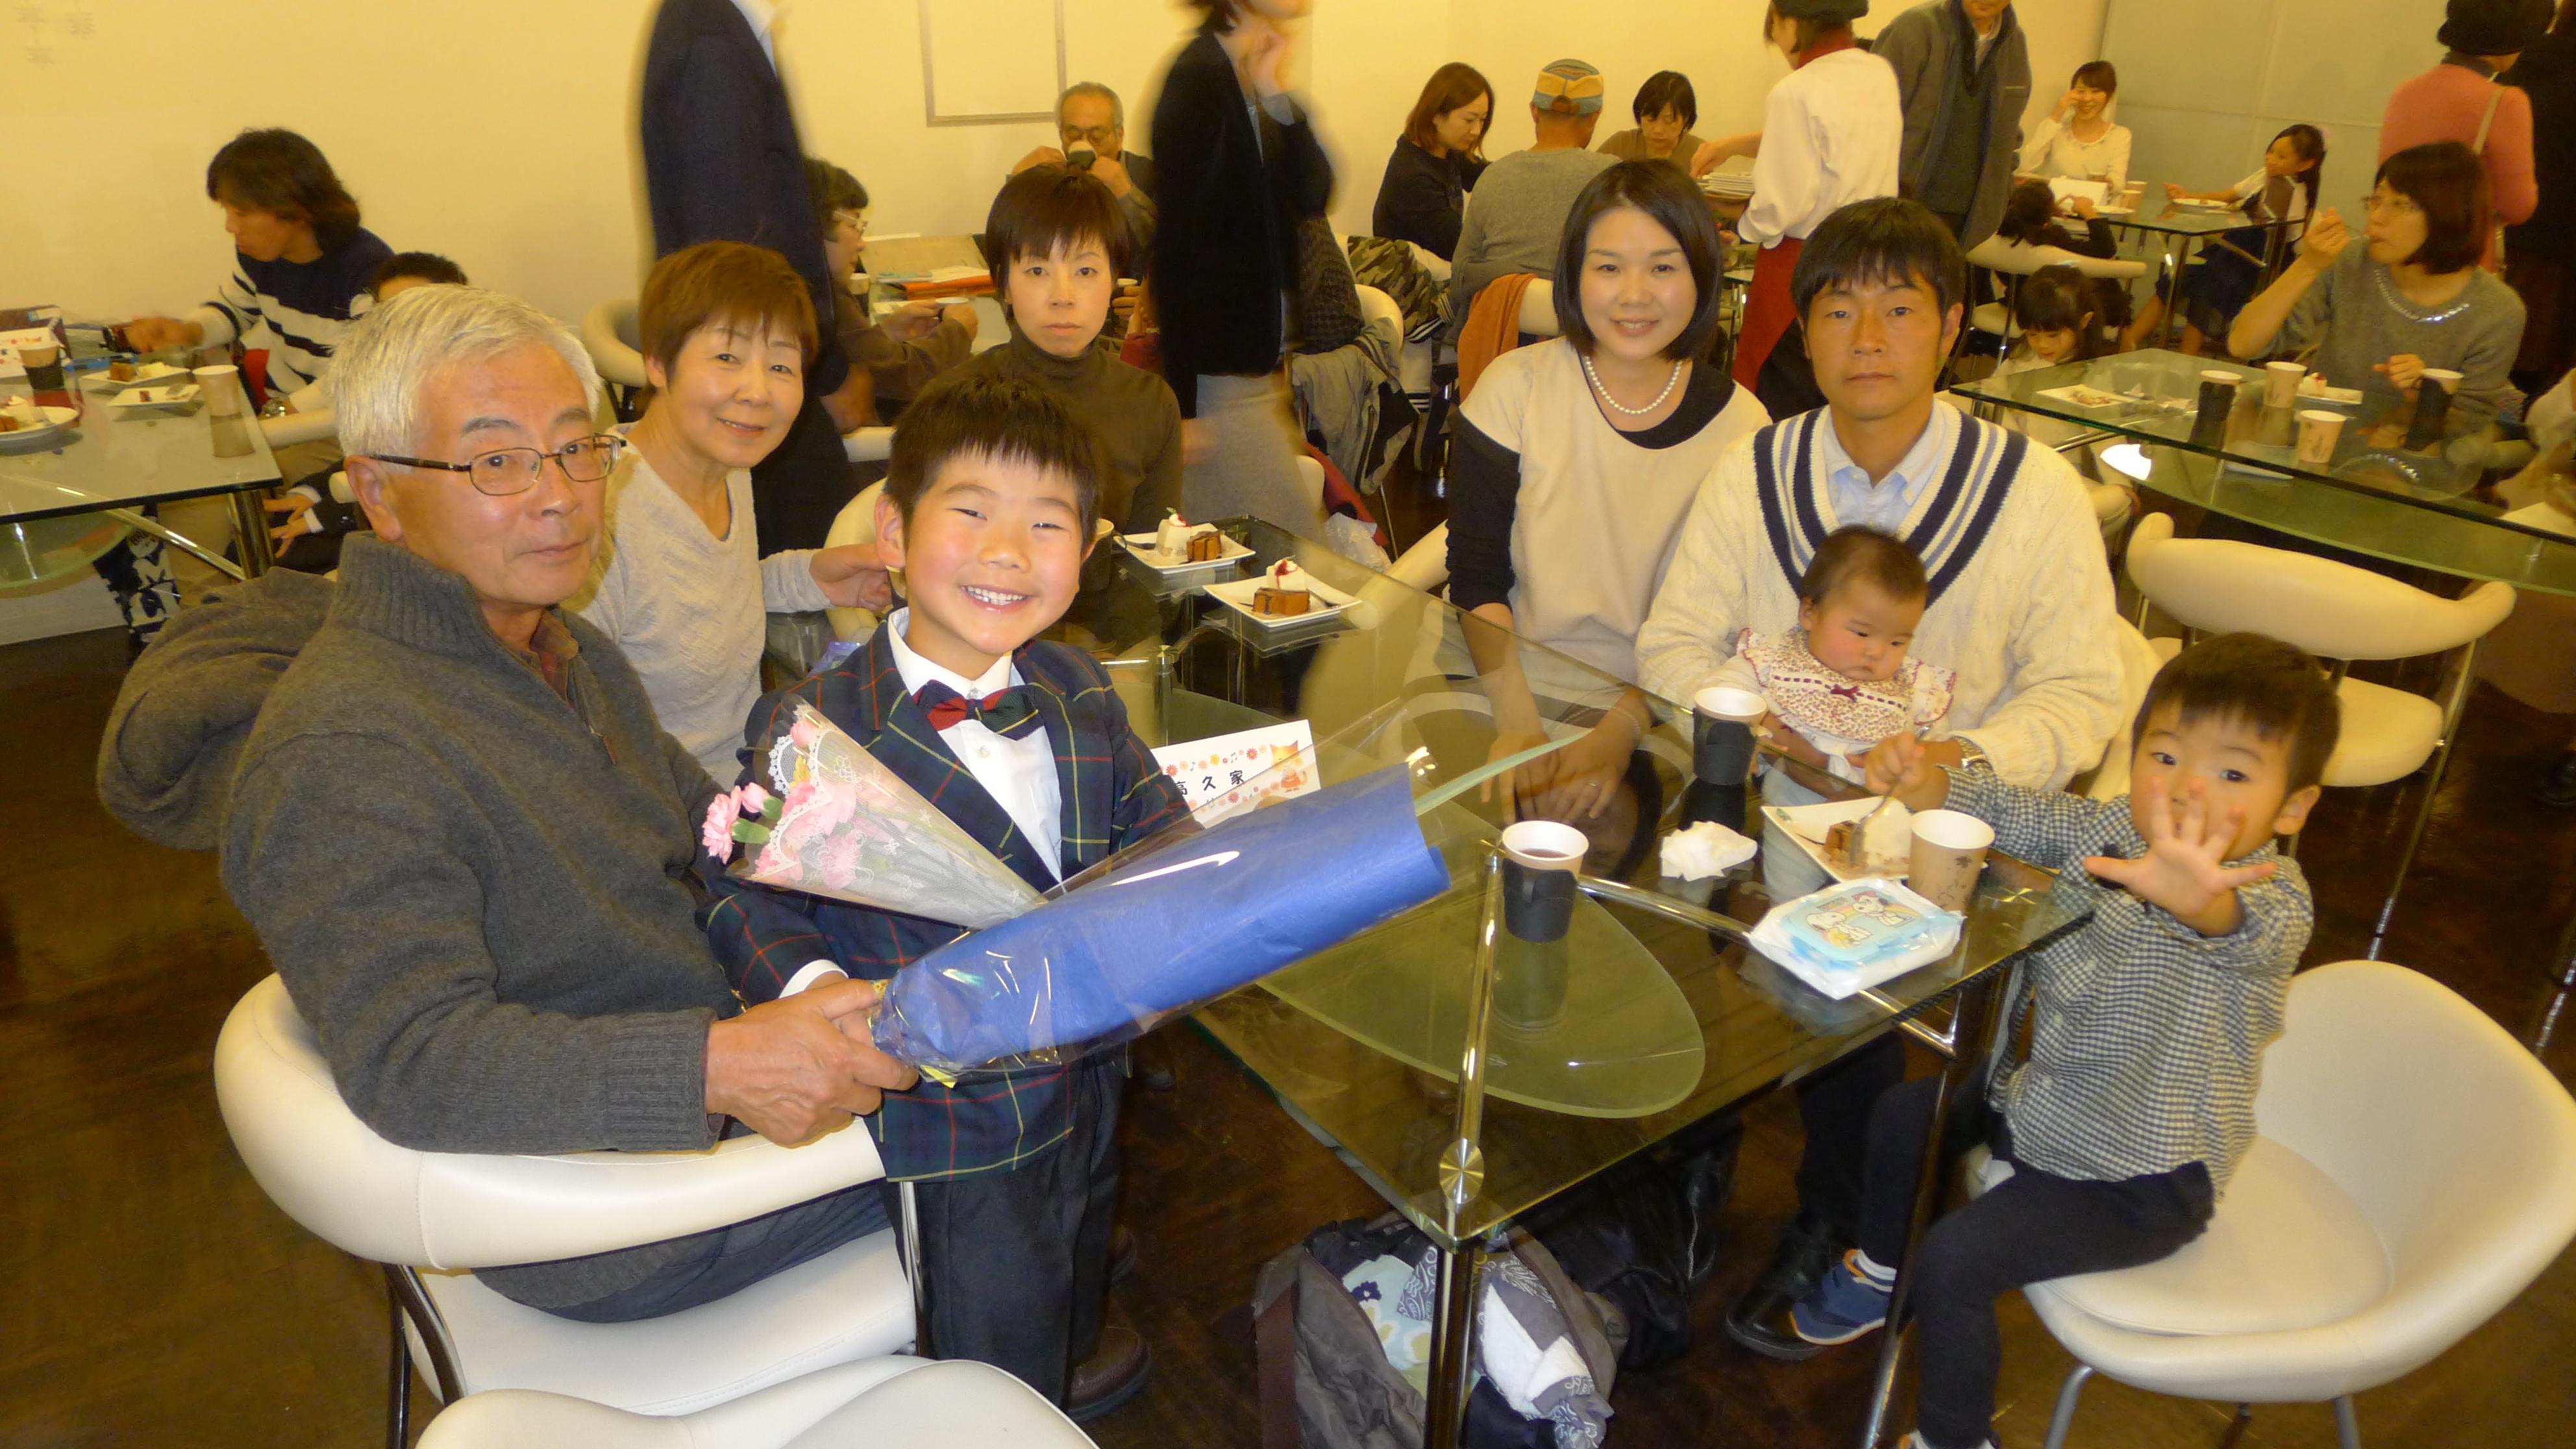 仙台市泉区北中山のピアノ教室 ピアノコンサートr2